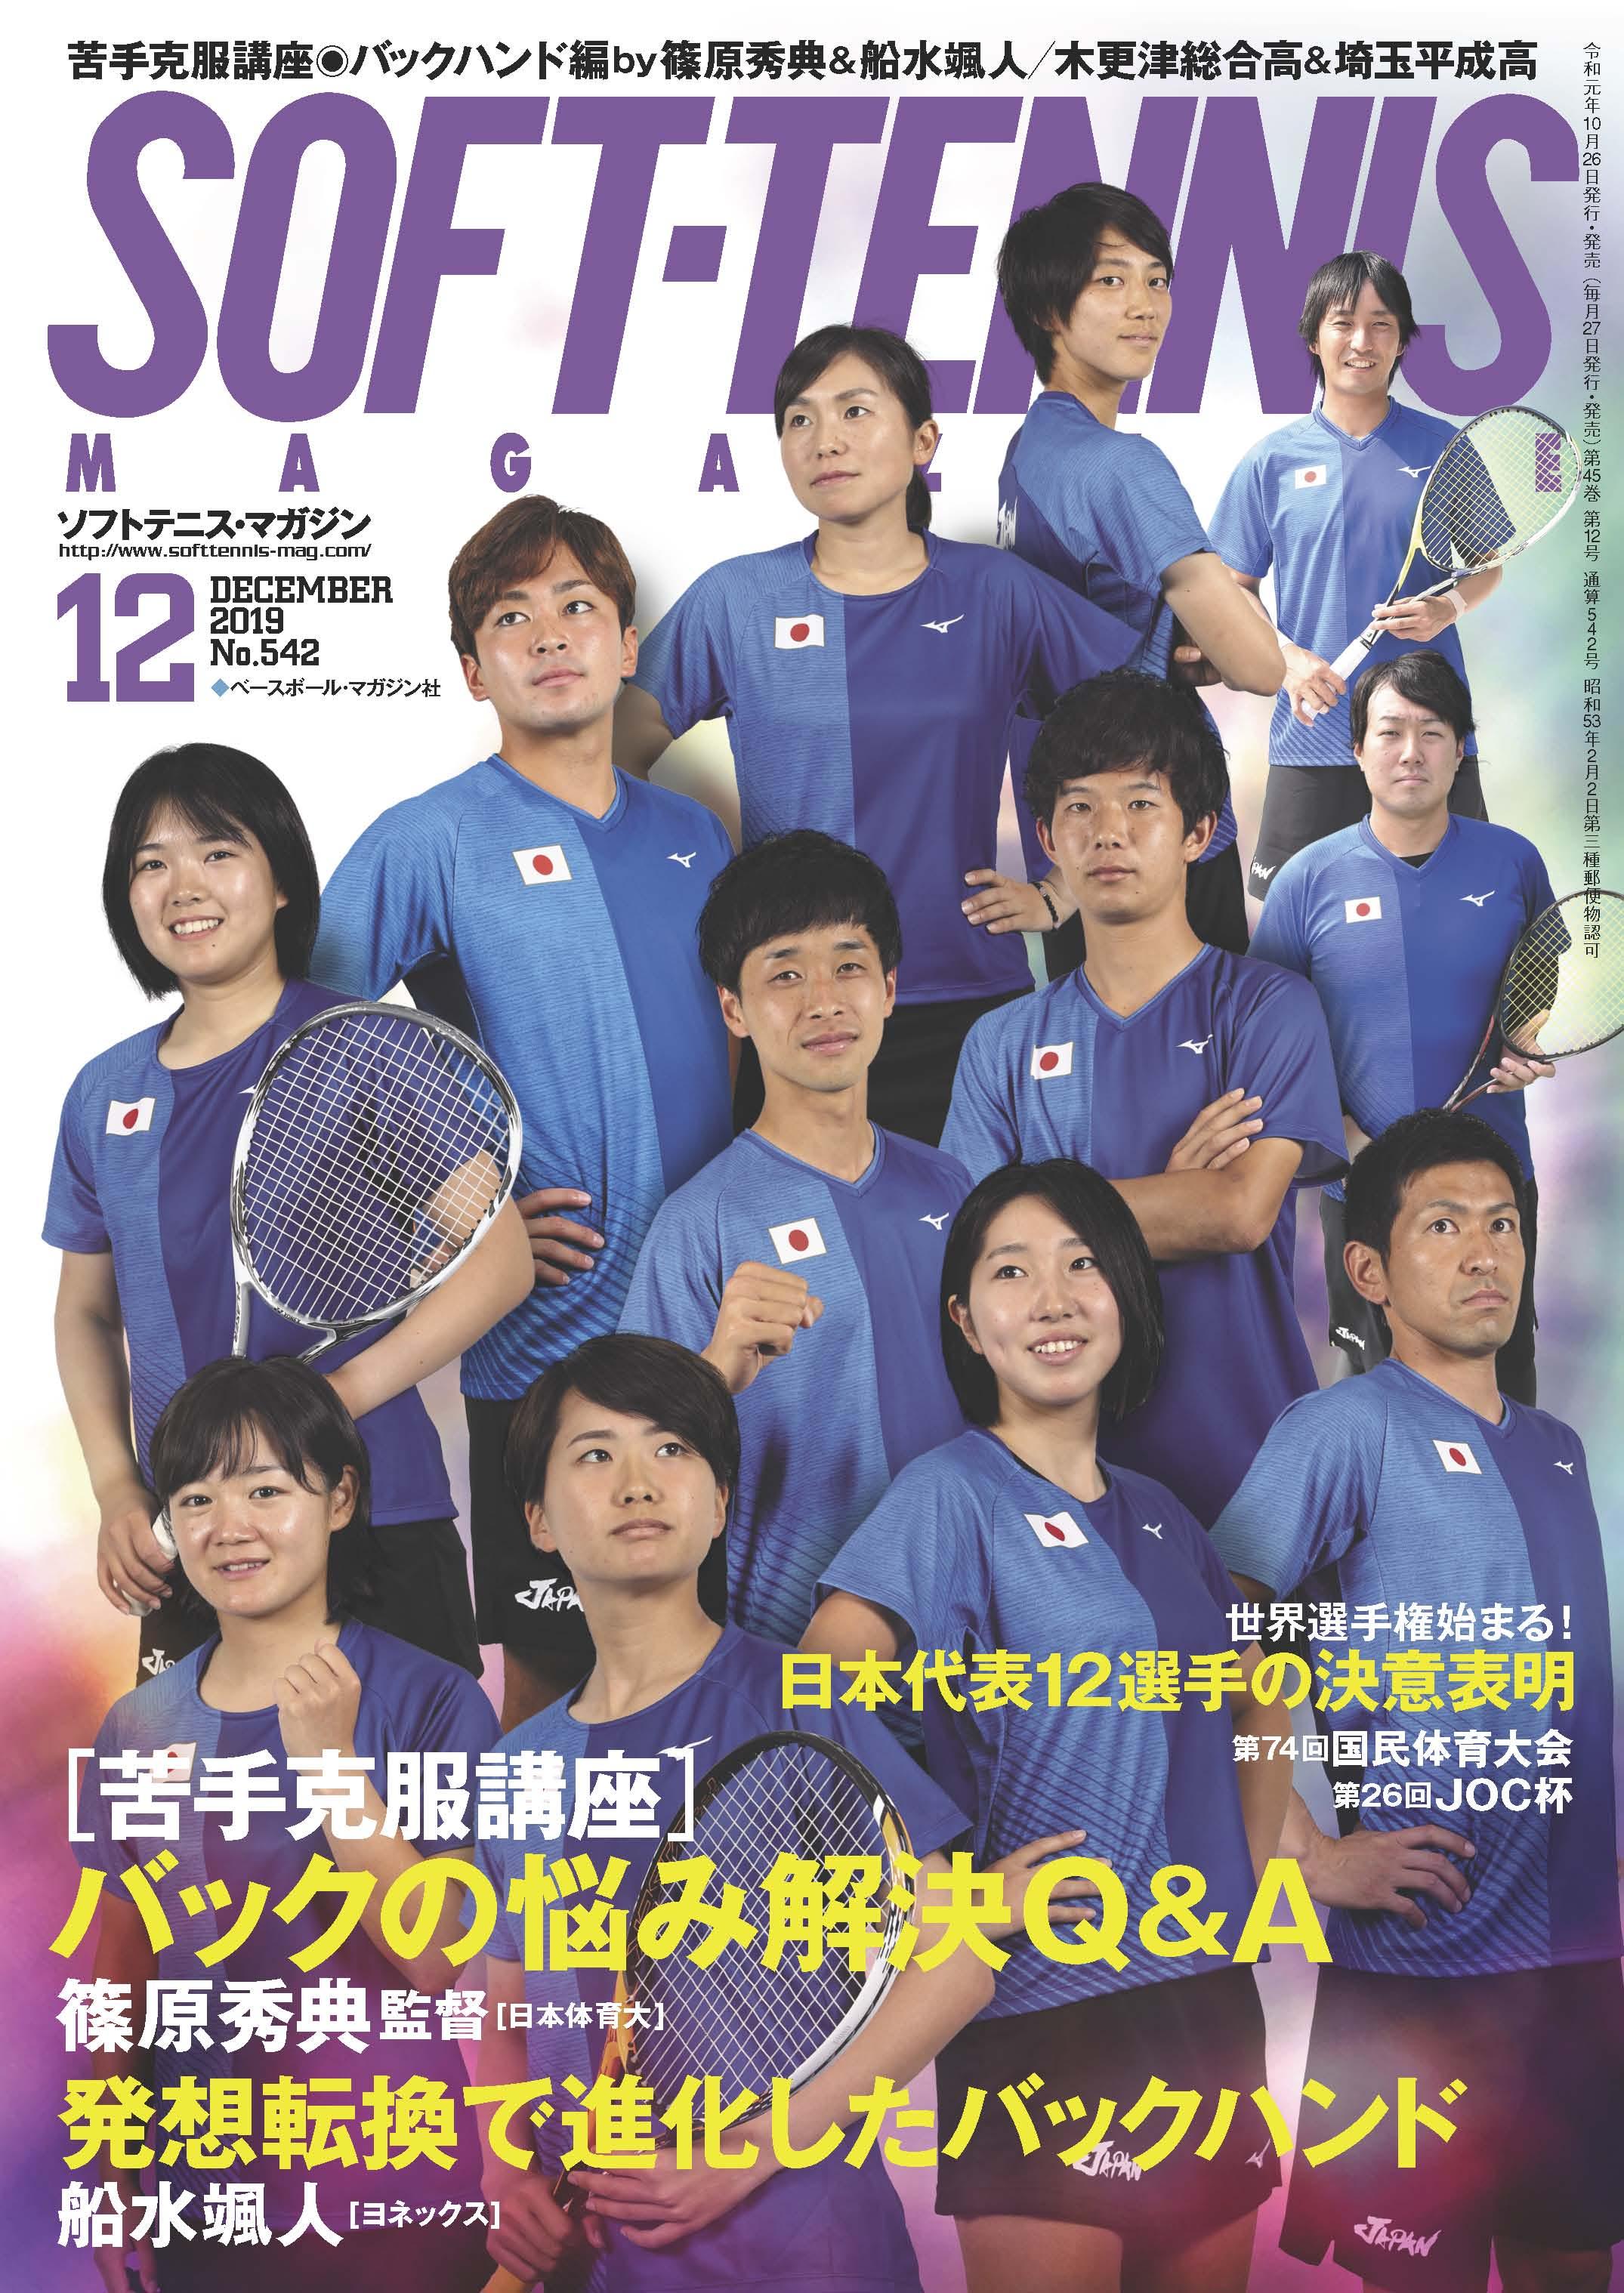 ソフトテニスマガジン2019年11月号表紙